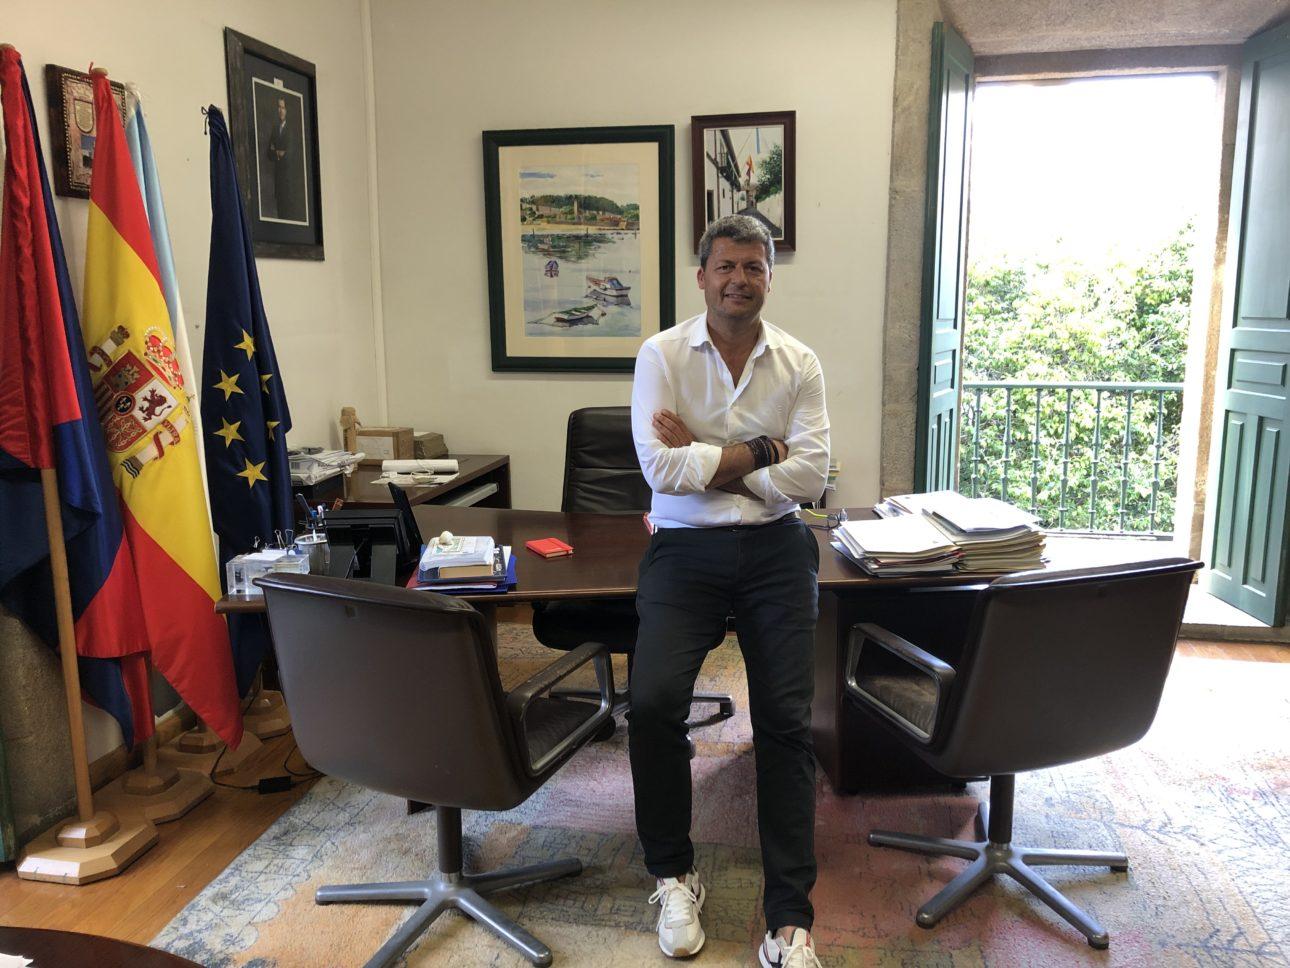 Alcalde Responde Carlos 1 scaled Baiona